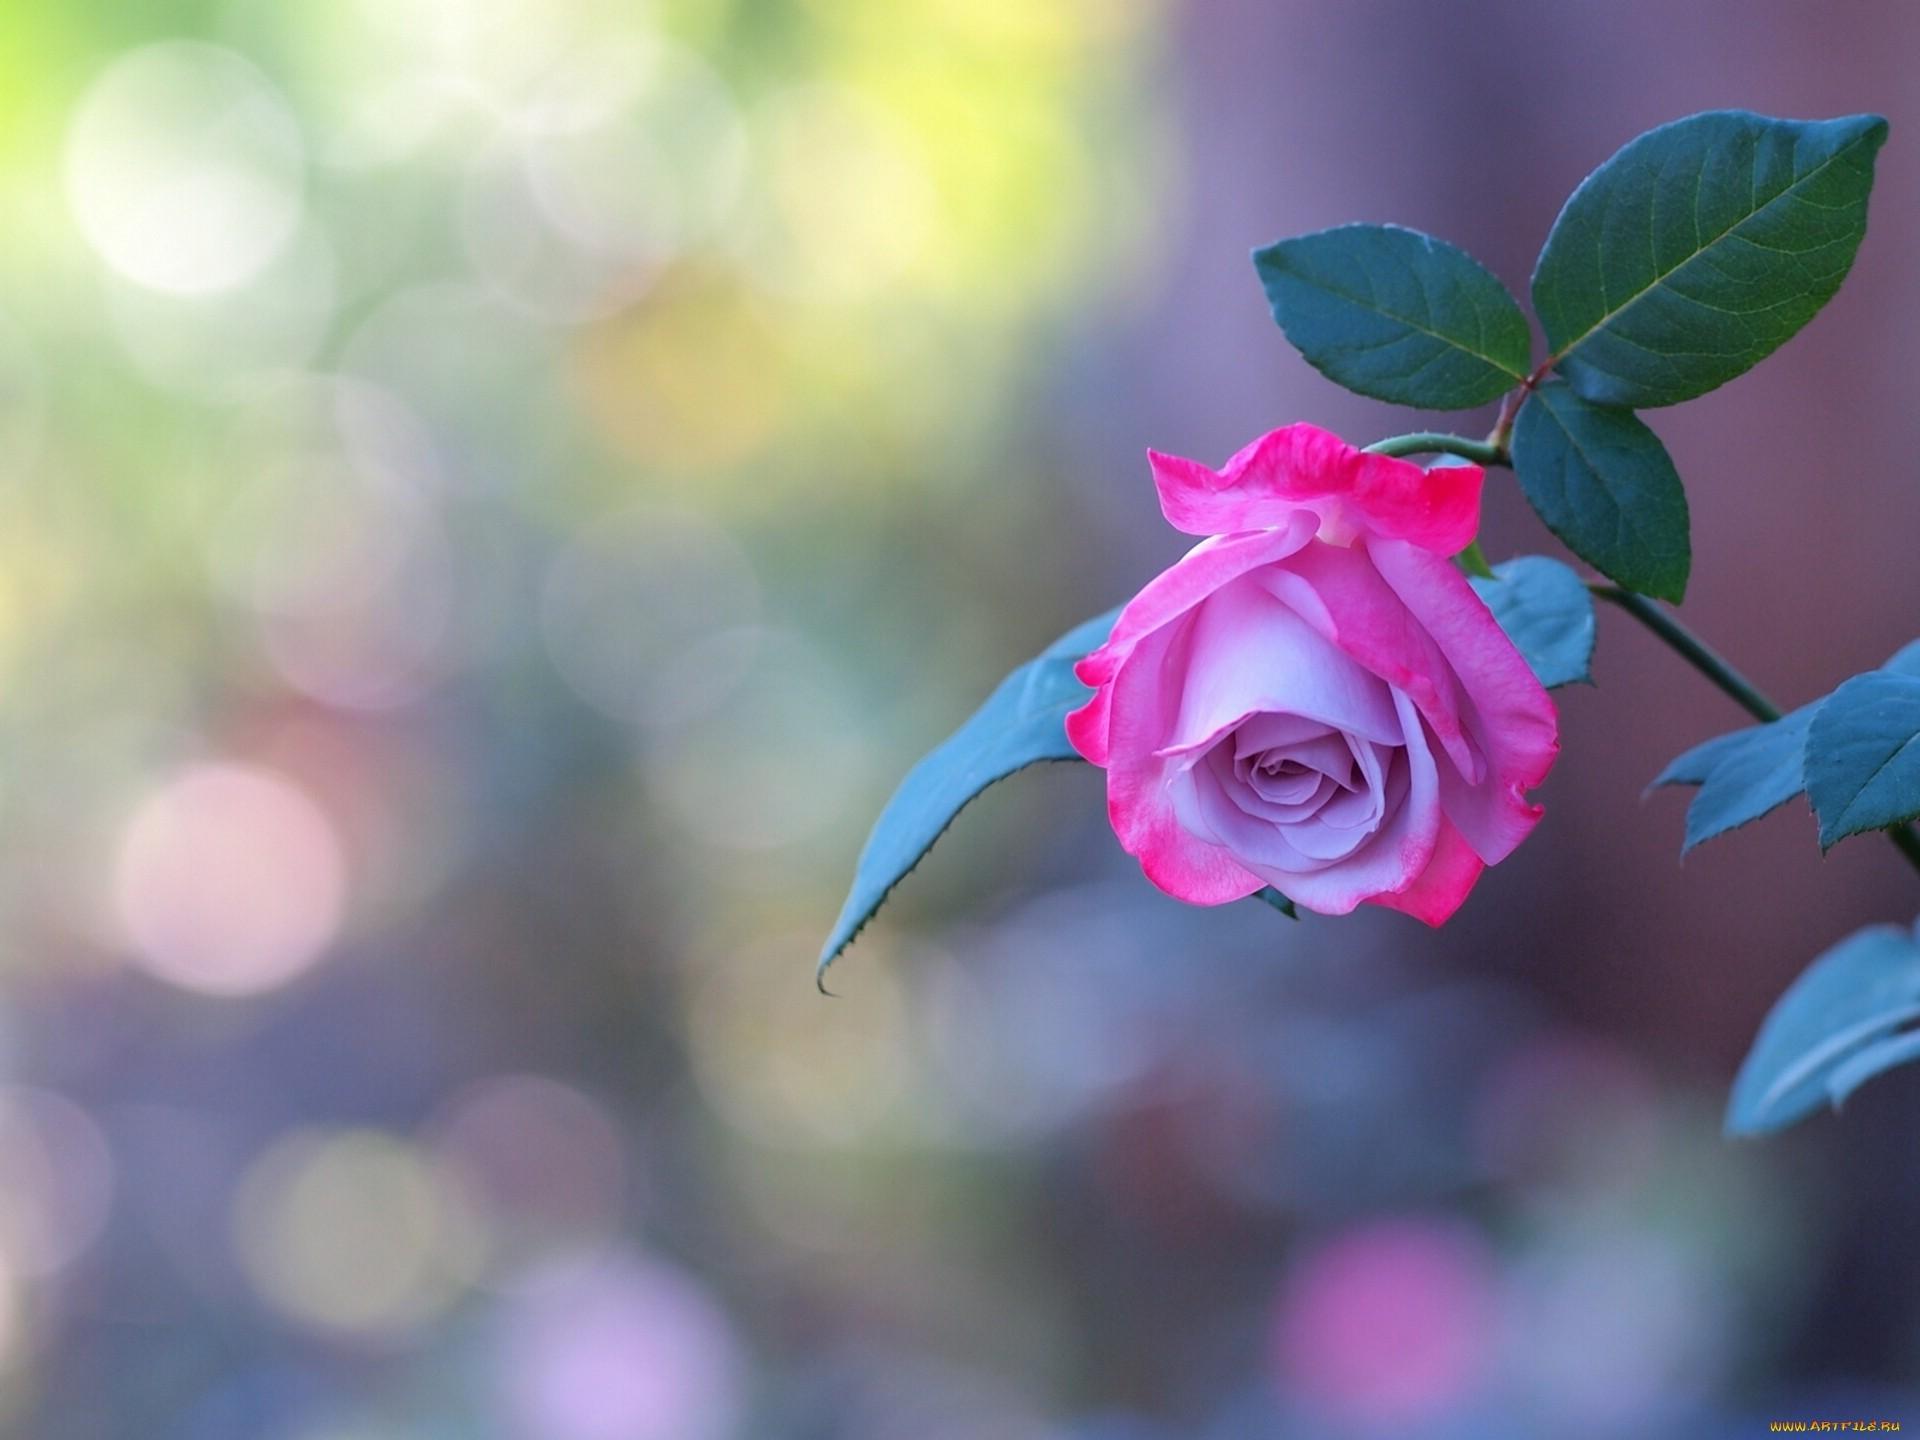 18499 скачать обои Растения, Цветы, Розы - заставки и картинки бесплатно